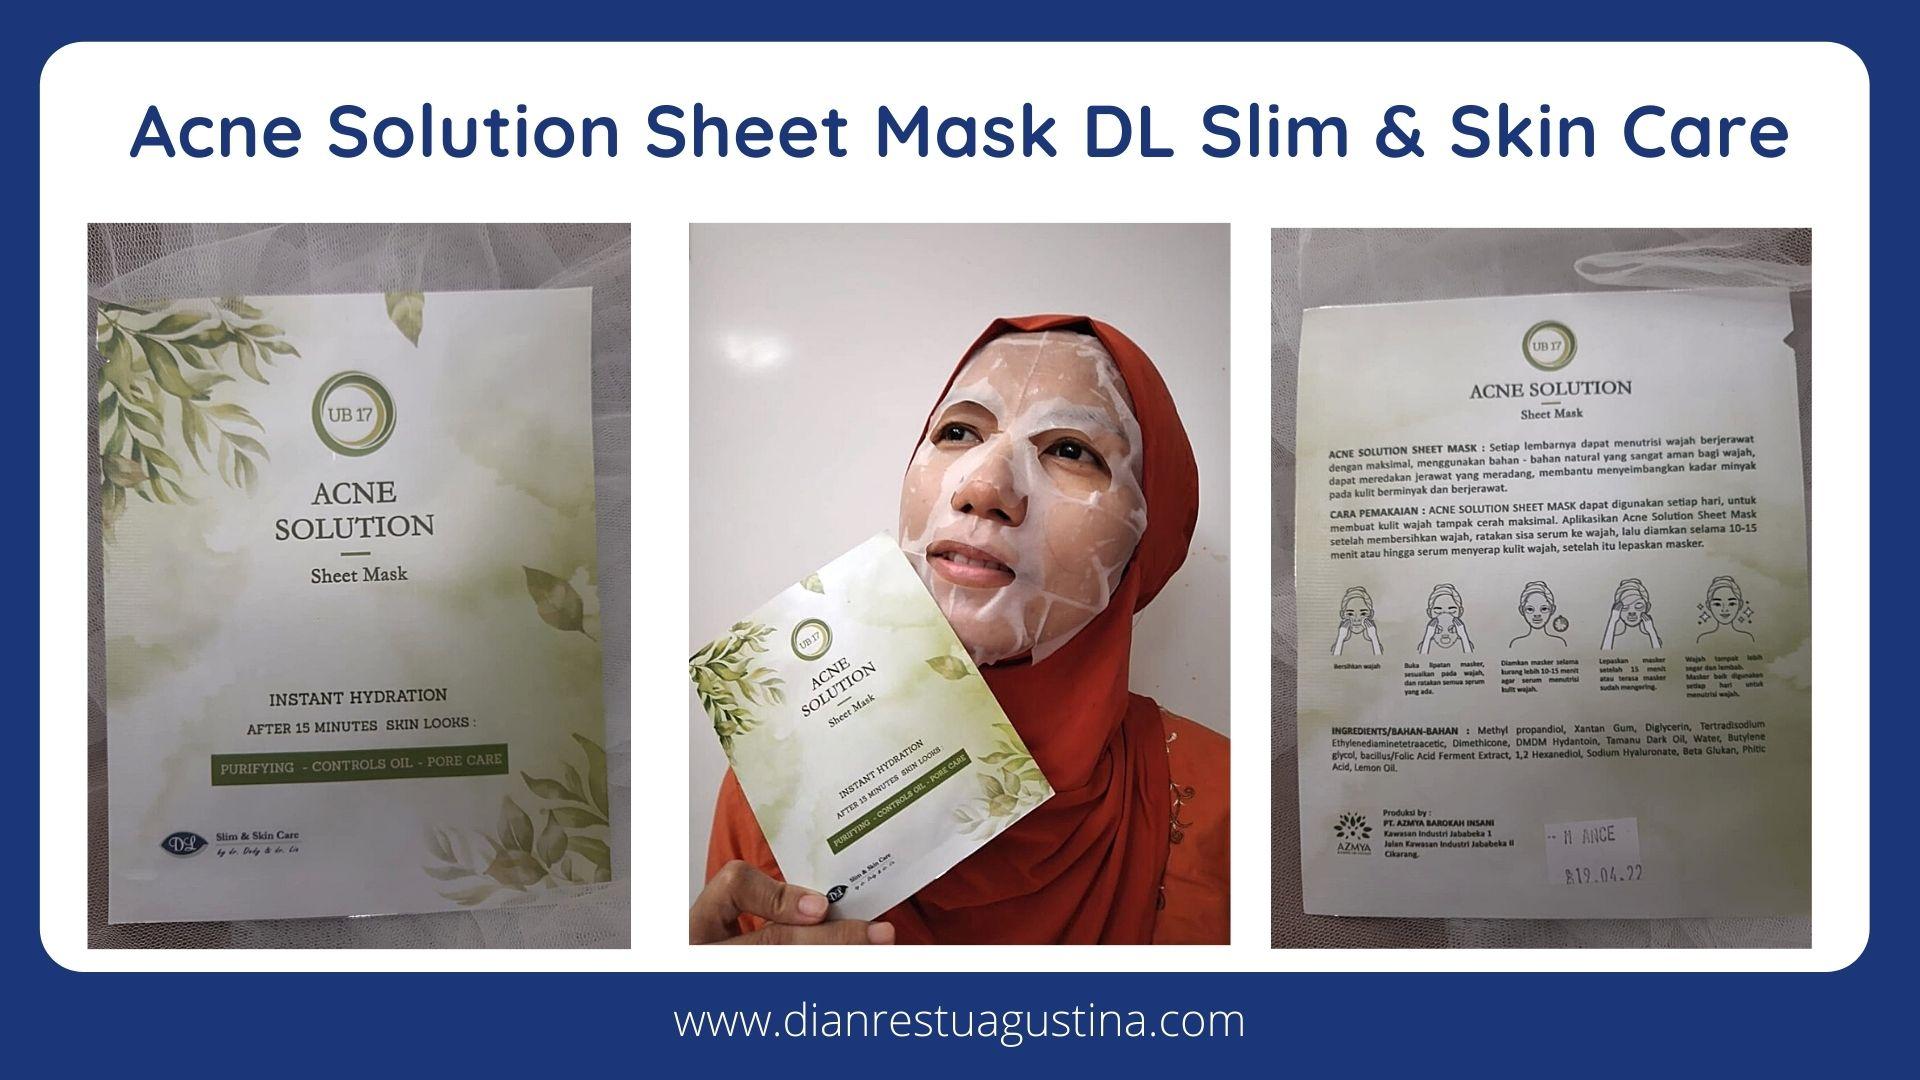 Acne Solution Sheet Mask DL Slim & Skin Care